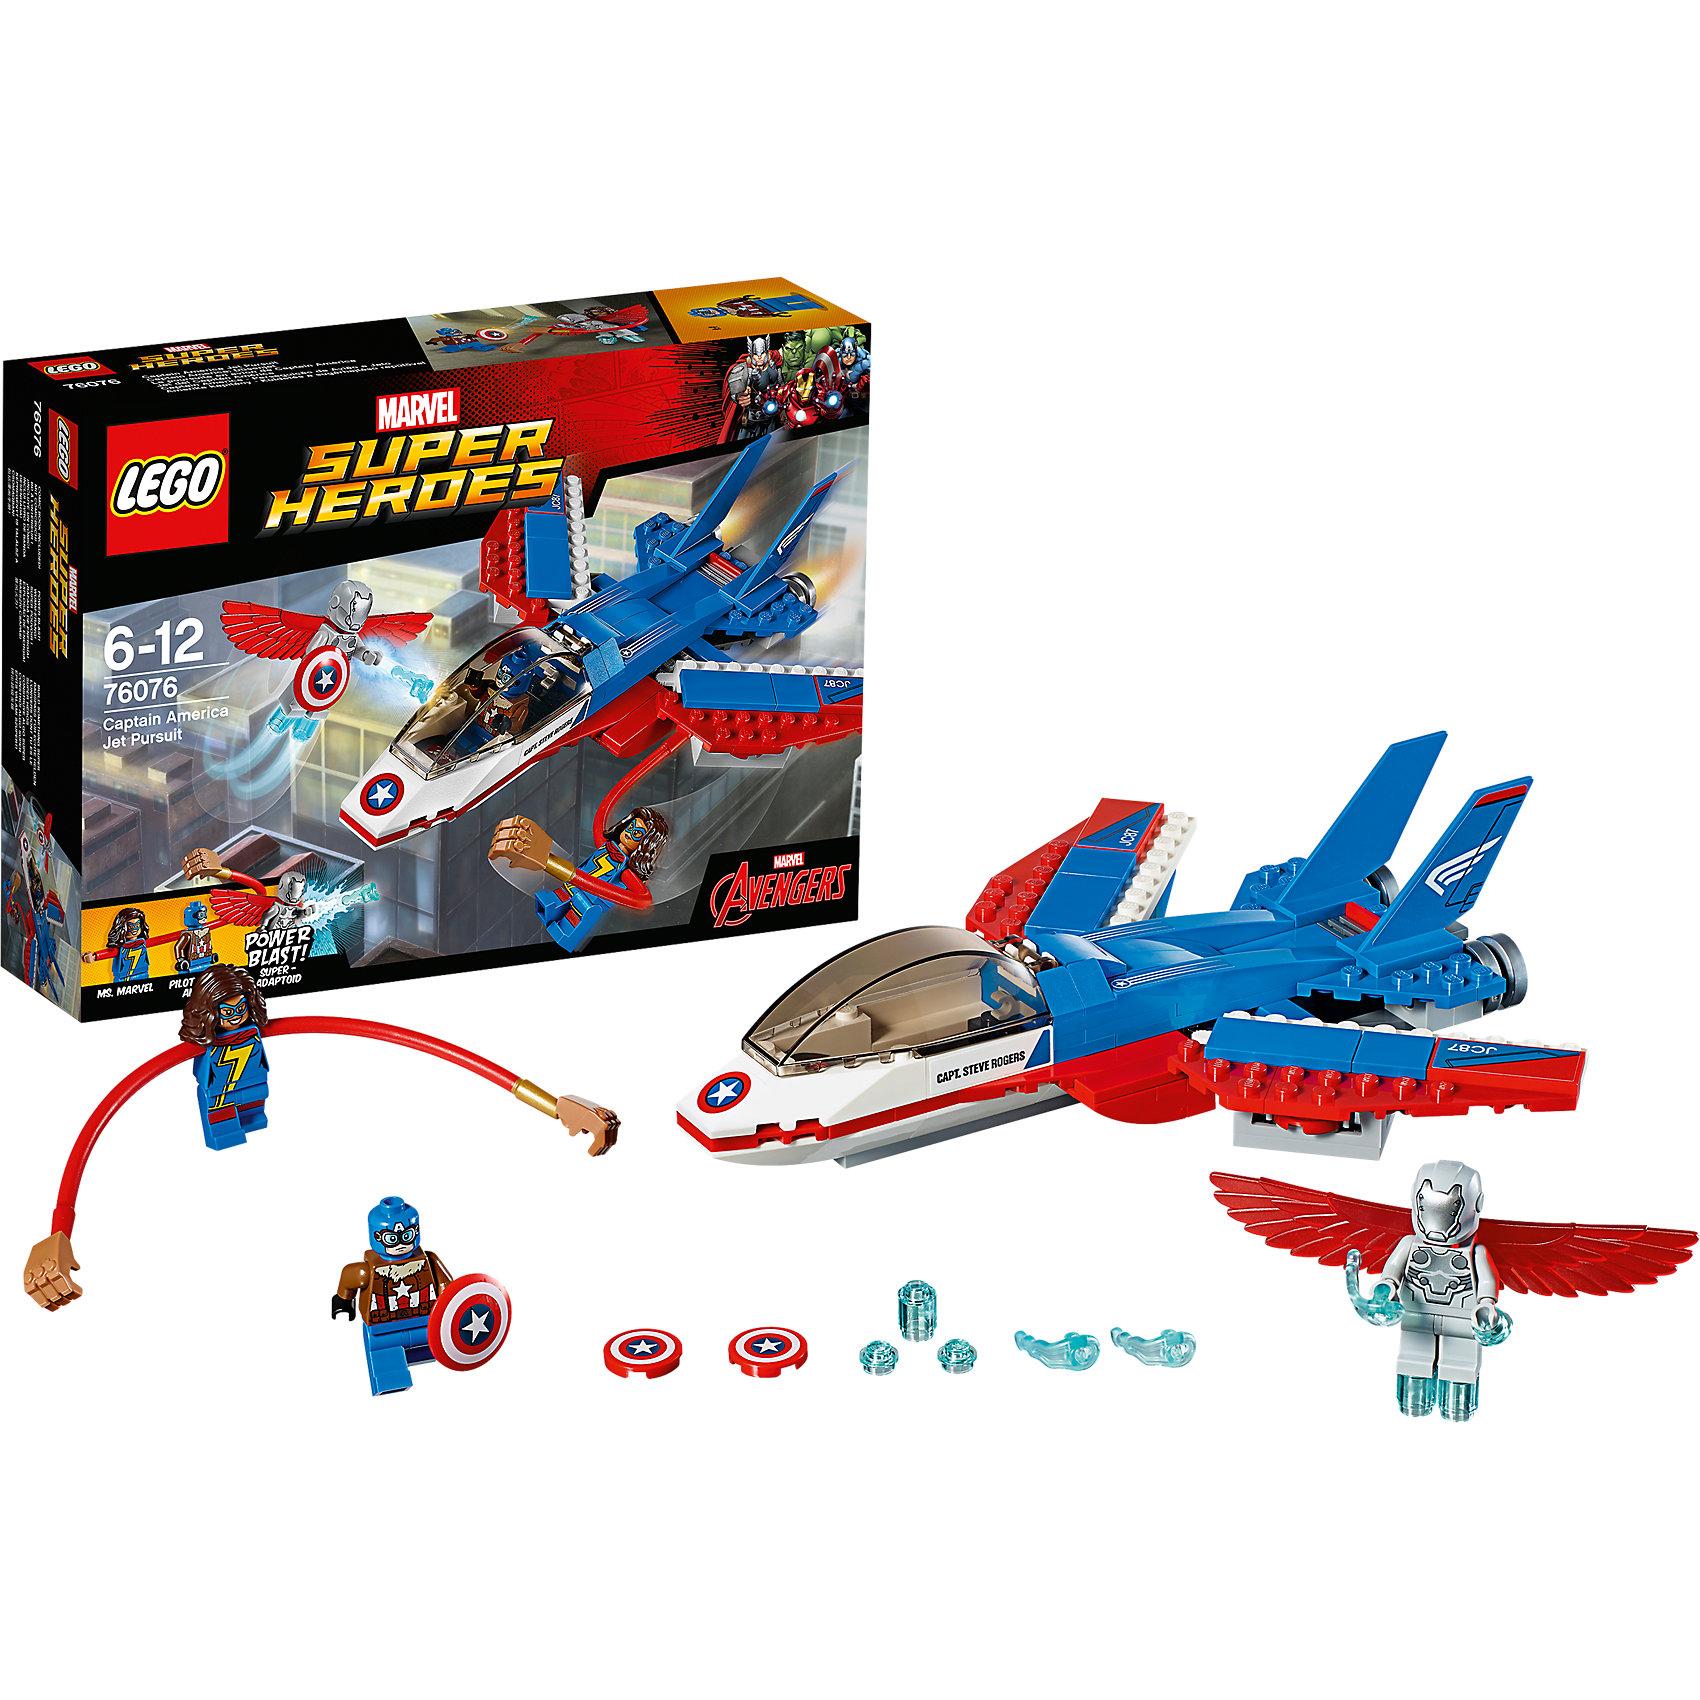 LEGO Super Heroes 76076: Воздушная погоня Капитана АмерикаПластмассовые конструкторы<br>LEGO Super Heroes 76076: Воздушная погоня Капитана Америка<br><br>Характеристики:<br><br>- в набор входит: детали самолёта, 3 минифигурки, наклейки, аксессуары, книга комиксов, красочная инструкция по сборке<br>- минифигурки набора: Капитан Америка, Мисс Марвел, Суперадаптоид <br>- состав: пластик<br>- количество деталей: 160<br>- для детей в возрасте: от 7 до 14 лет<br>- Страна производитель: Дания/Китай/Чехия<br><br>Легендарный конструктор LEGO (ЛЕГО) представляет серию «Marvel Super Heroes» (Супер герои Марвел) по сюжетам фильмов, мультфильмов и комиксов о супергероях. <br><br>Этот набор понравится любителям фильмов Marvel о Капитане Америка. Минифигурки набора выглядят ярко, очень качественно проработаны, в их разработке были использованы уникальные детали не встречающиеся в других наборах. Отличные принты Капитана делают его еще более реалистичным в набор входит его щит, который был украден злодеем Суперадаптоидом. Фигурка злодея оснащена мощными крыльями, которые являются частью его костюма. Мисс Марвел, помогающая Капитану в новой операции оснащена длинными гнущимися руками в соответствии с её суперспособностями, а рельефные волосы отлично сочетаются с костюмом. <br><br>Корабль Капитана Америки выполнен в бело-сине-красных цветах и обладает функцией стрельбы из двух нижних пушек. При атаке вылетают диски с символикой Капитана Америки, крылья самолета двигаются, кабина пилота открывается. На правой стороне наклейка с надписью «Капитан Стив Роджерс». Преследуйте злодея на самолете и верните щит Капитана Америки. <br><br>Играя с конструктором ребенок развивает моторику рук, воображение и логическое мышление, научится собирать по инструкции и создавать свои модели. Придумывайте новые истории любимых героев с набором LEGO «Marvel Super Heroes»!<br><br>Конструктор LEGO Super Heroes 76076: Воздушная погоня Капитана Америка можно купить в нашем интернет-магазине.<br><br>Ширина мм: